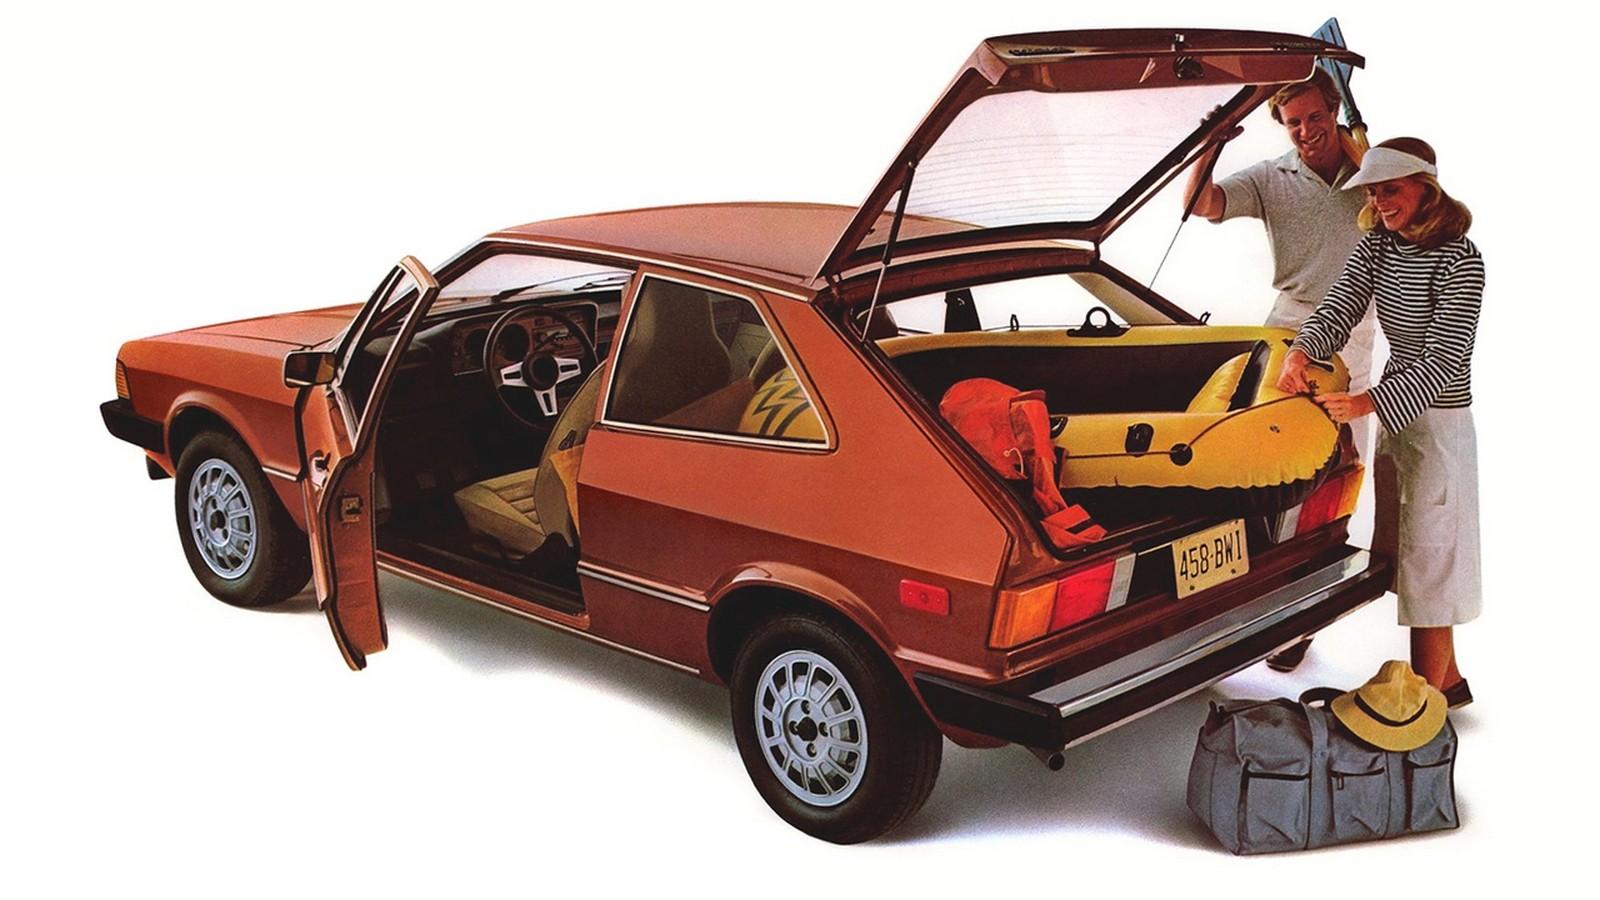 Не ждите практичности: и первый, и второй Scirocco имели ярко выраженный спортивный характер.